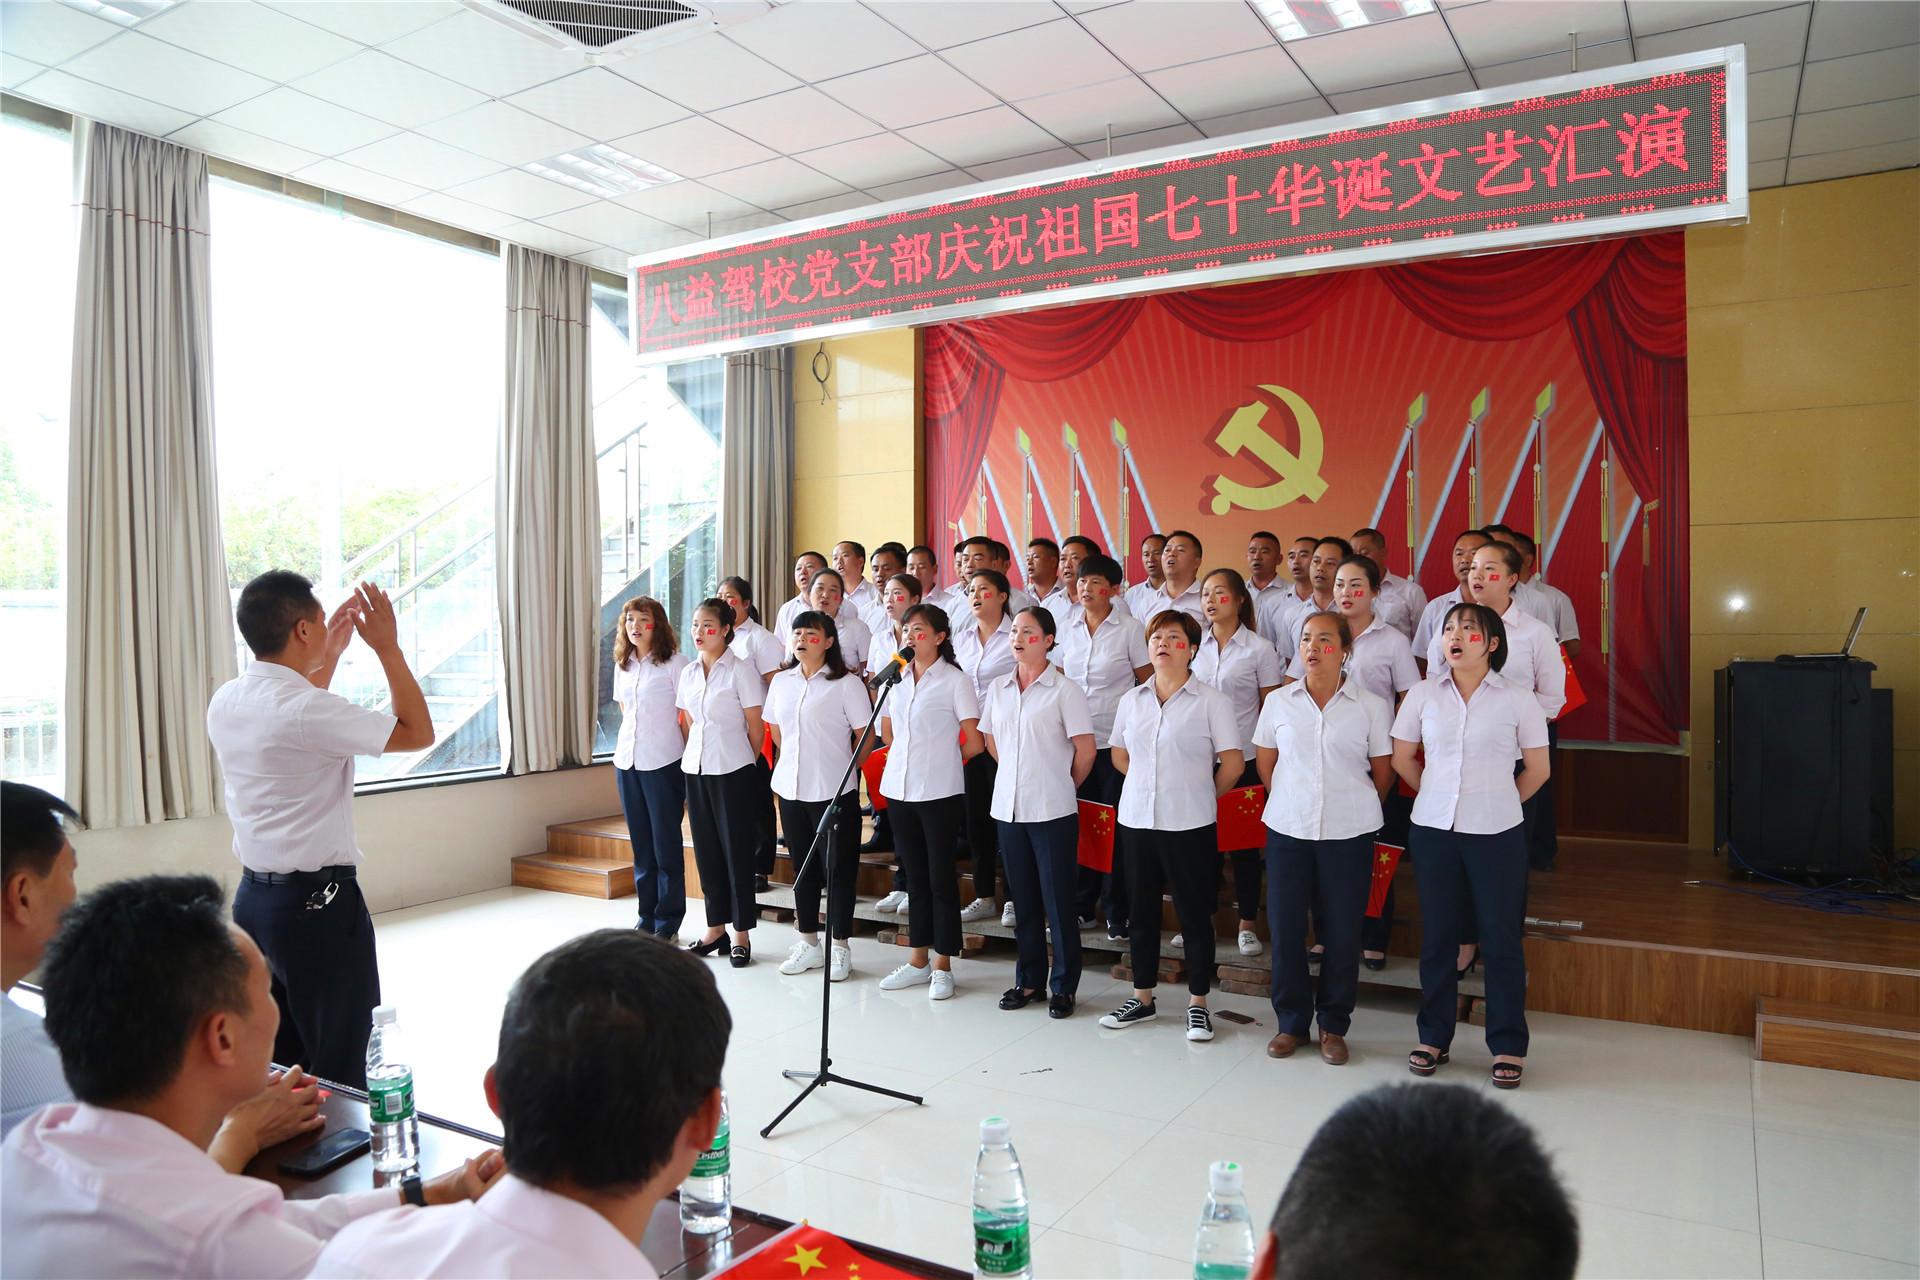 八益驾校庆祝建国70周年文艺汇演